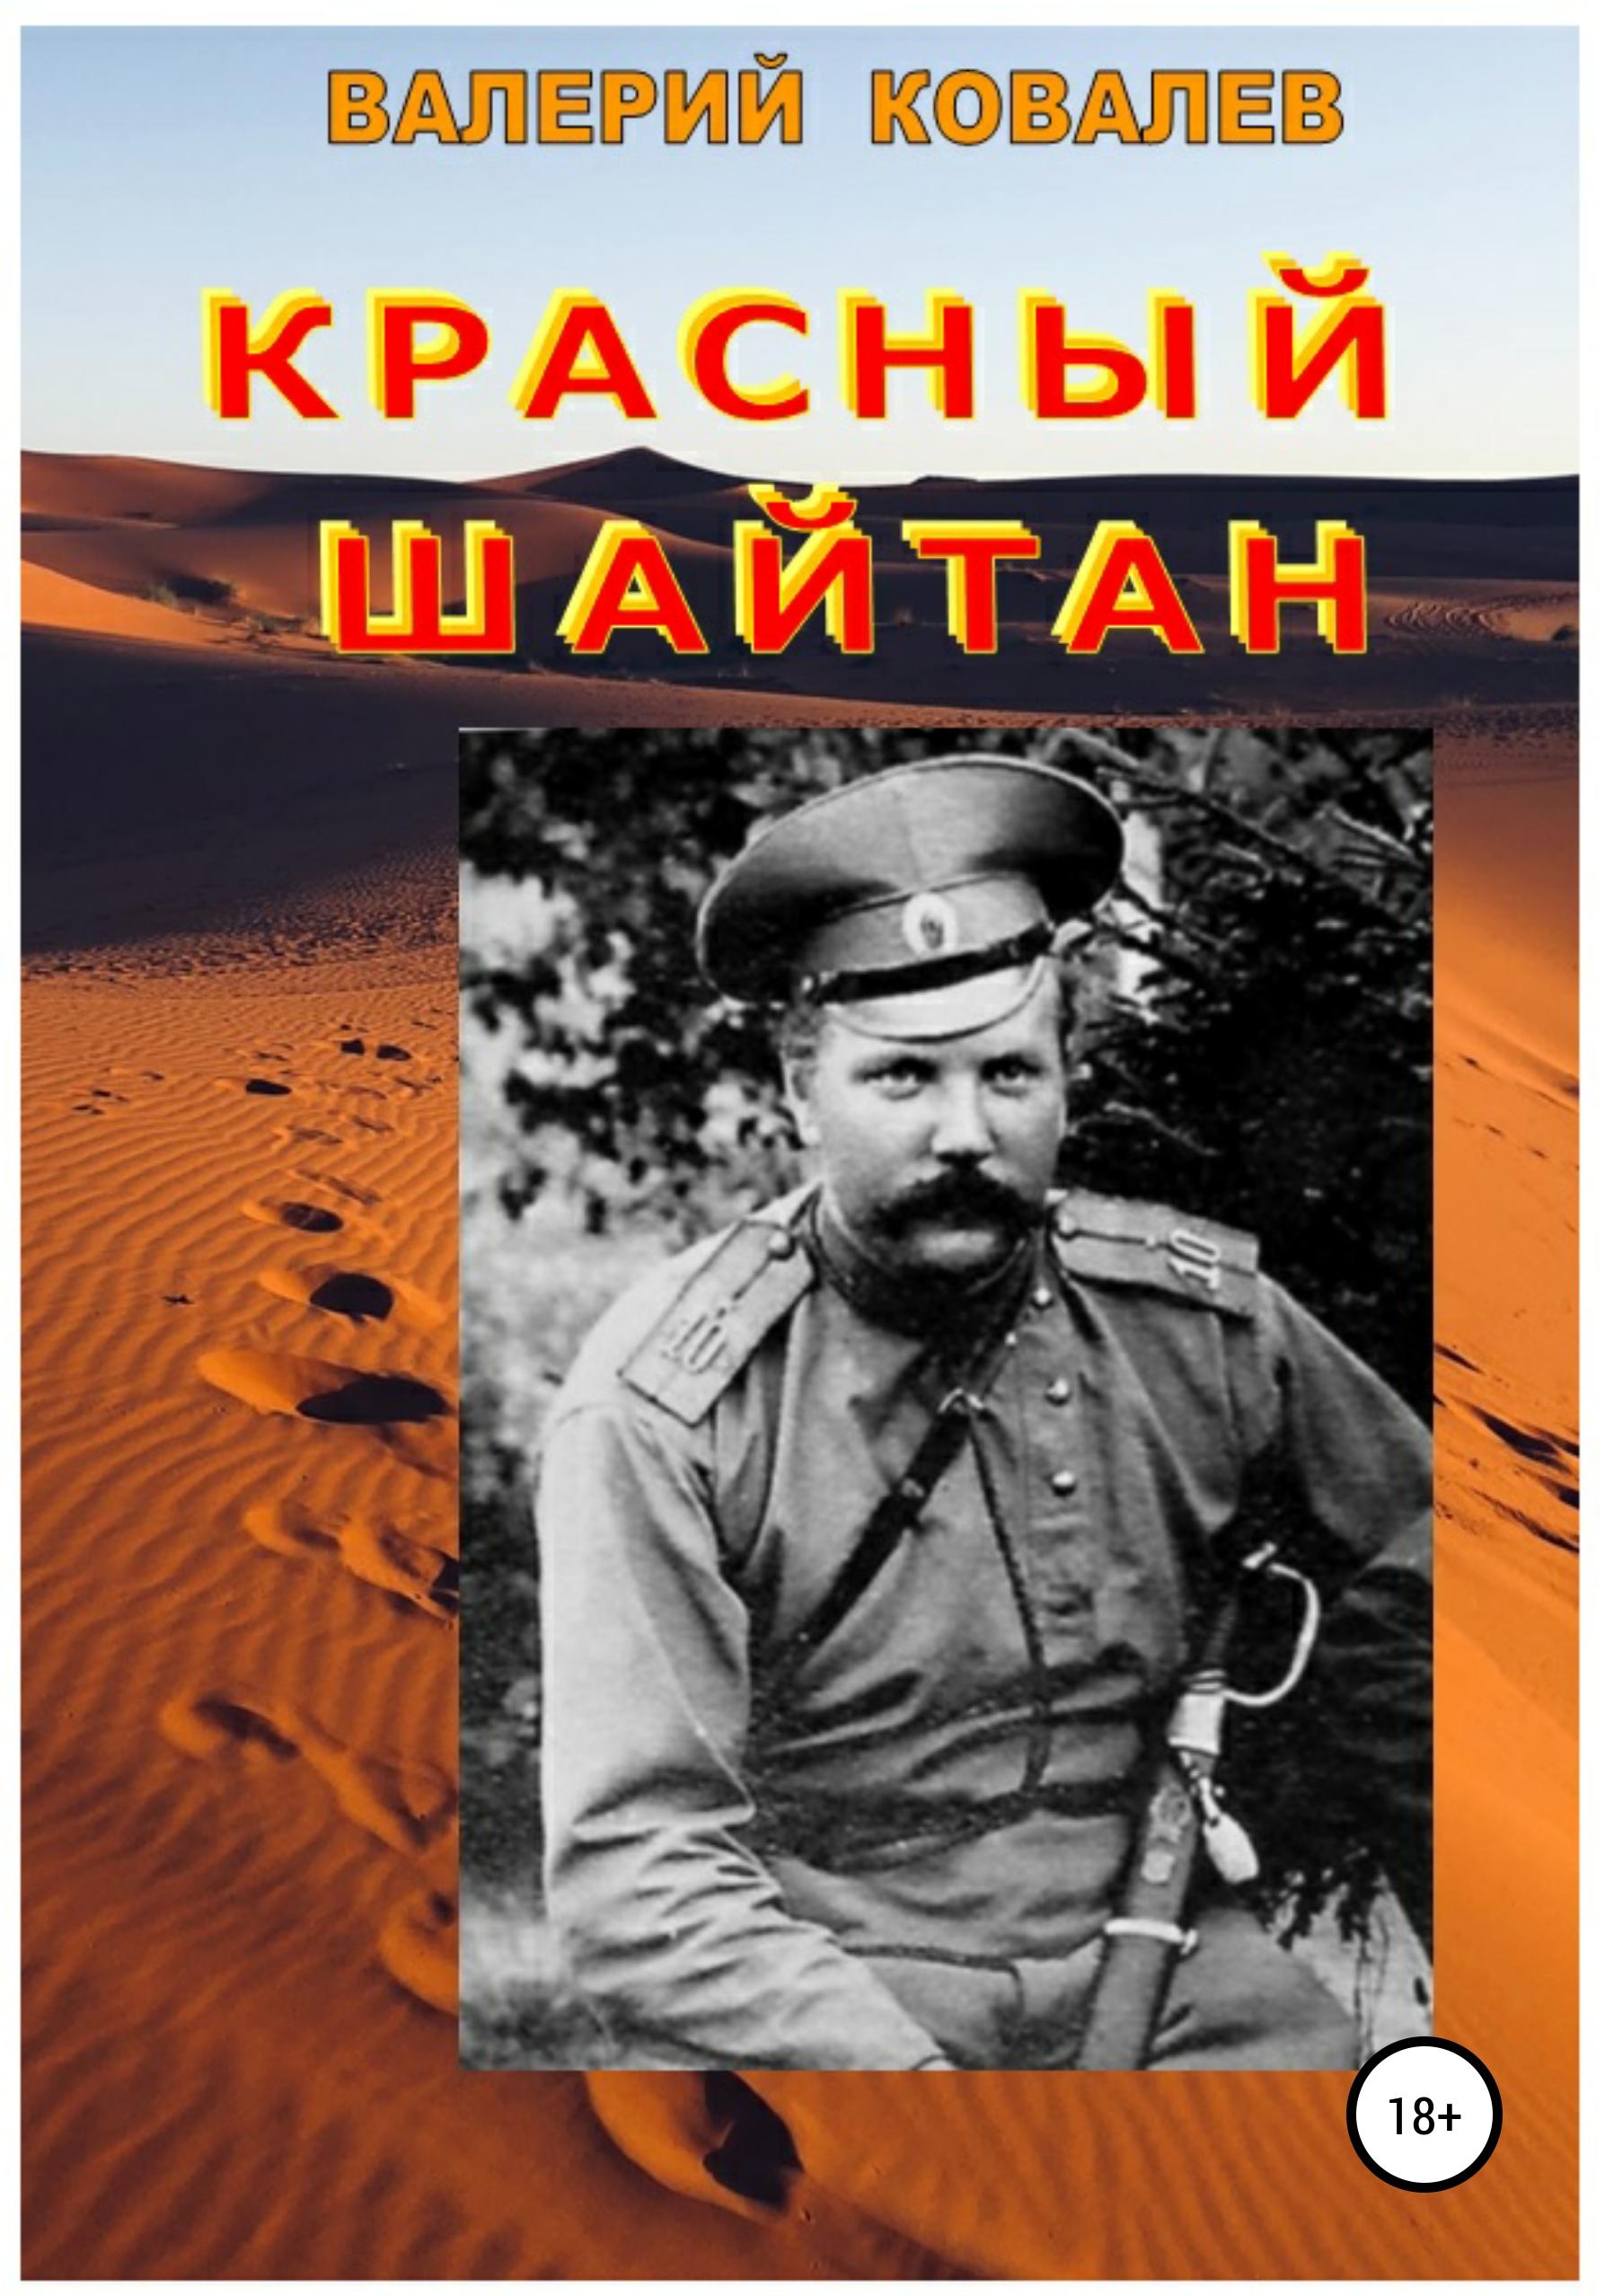 Купить книгу Красный шайтан, автора Валерия Николаевича Ковалева